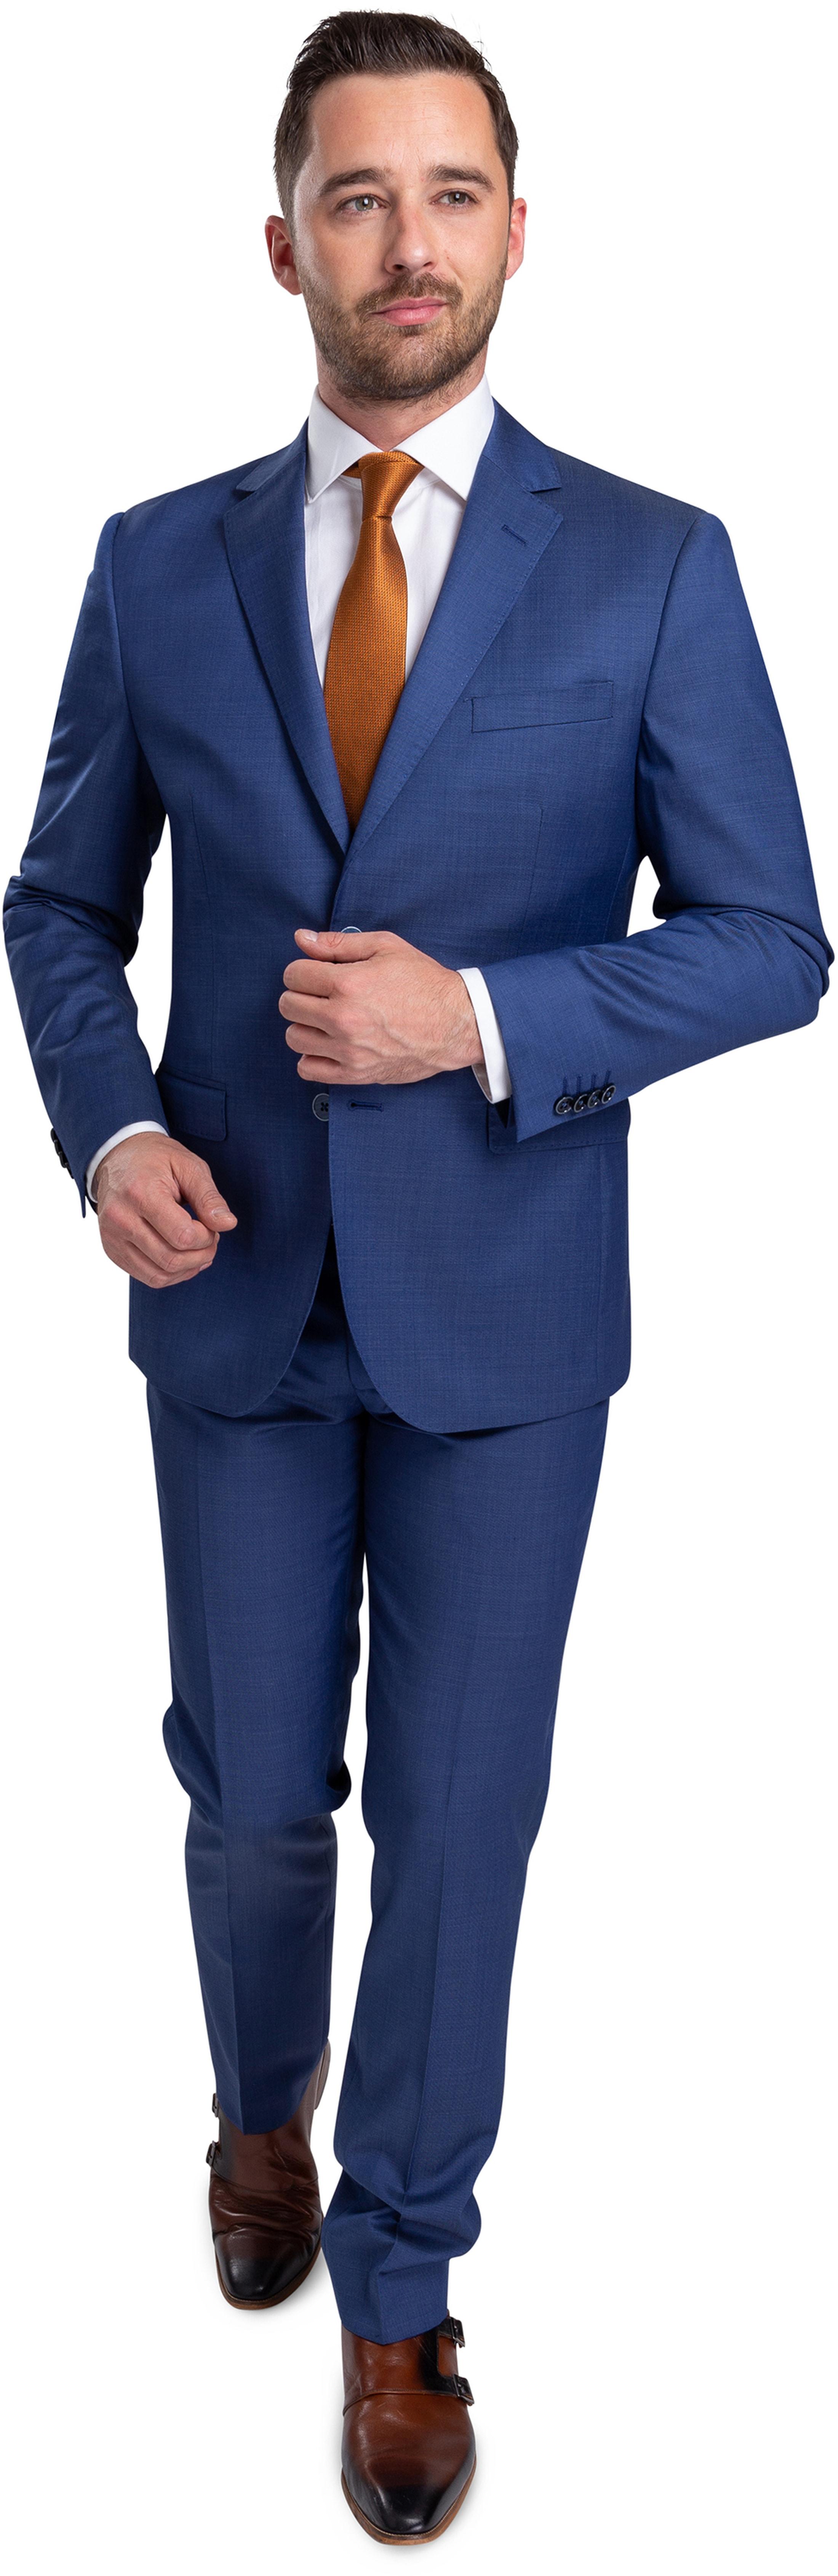 Suitable Suit Lucius Lyon Blue foto 0